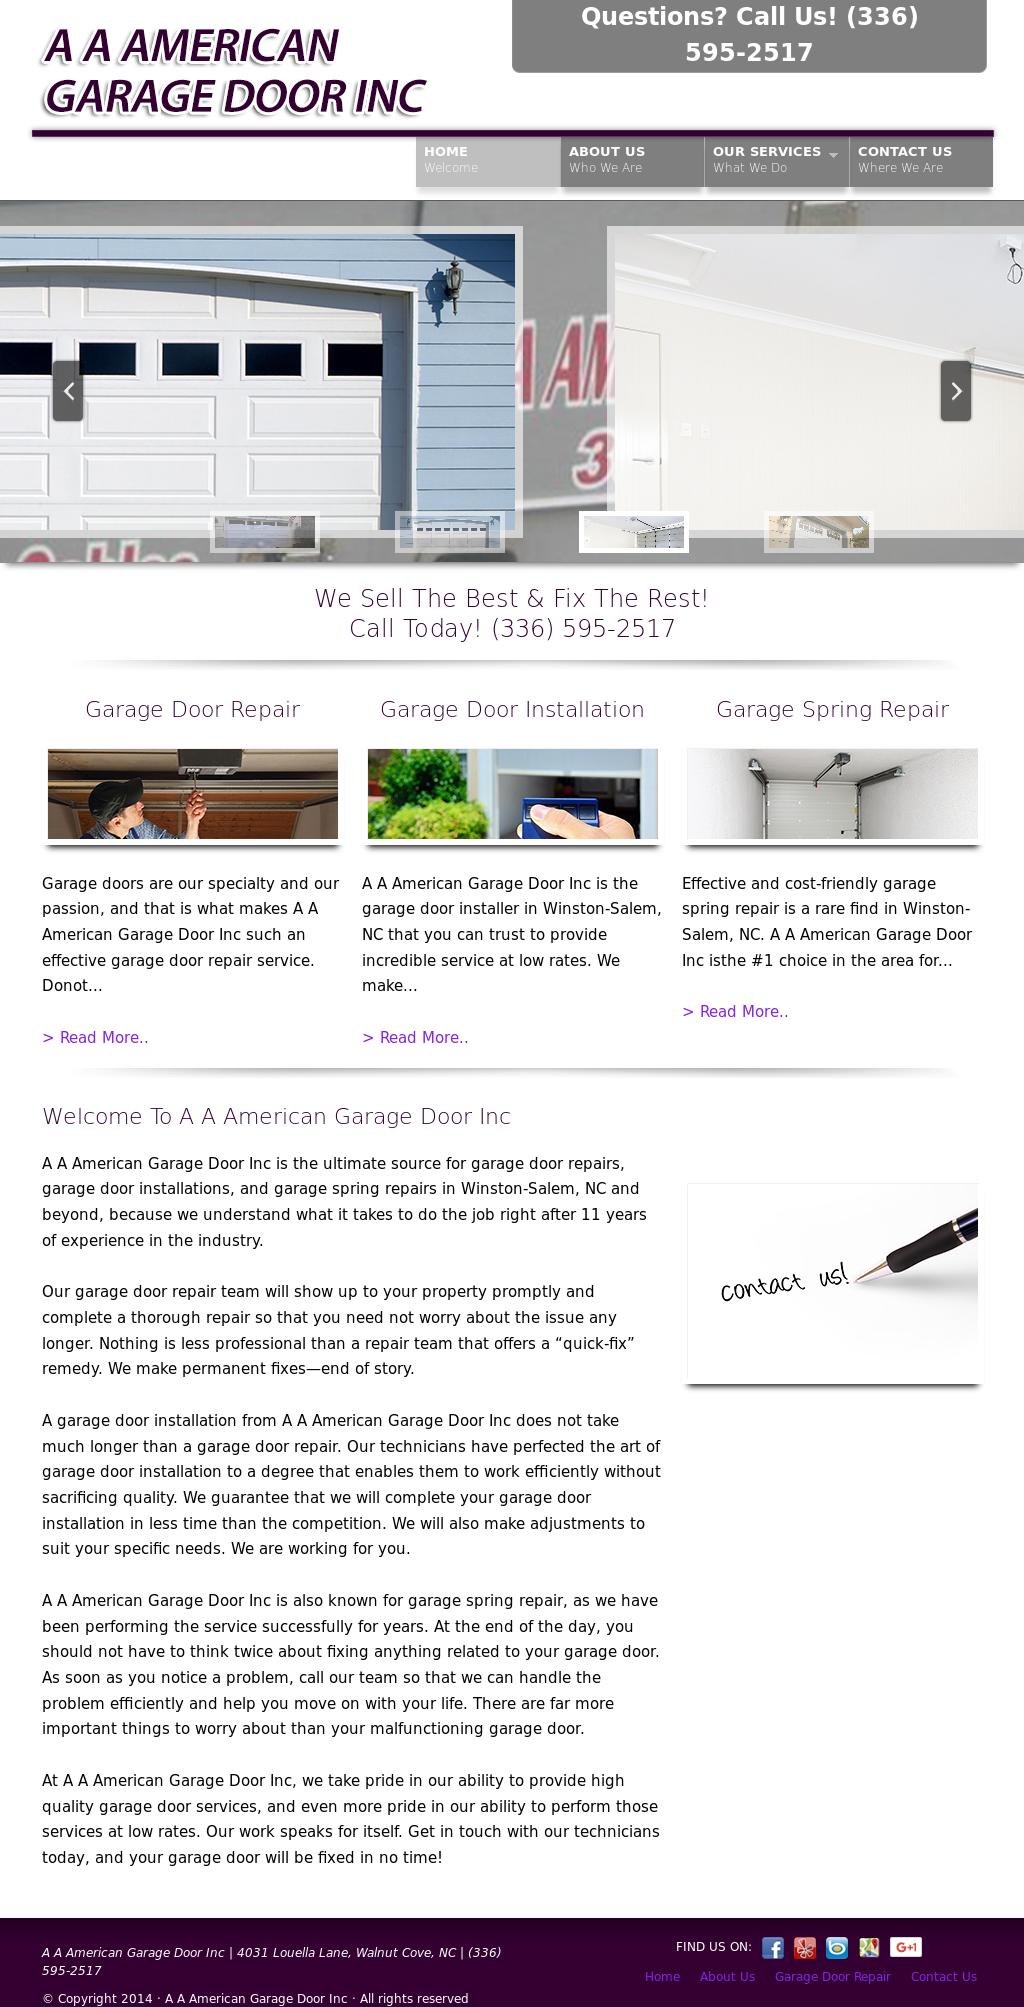 Aa American Garage Door Company Website History